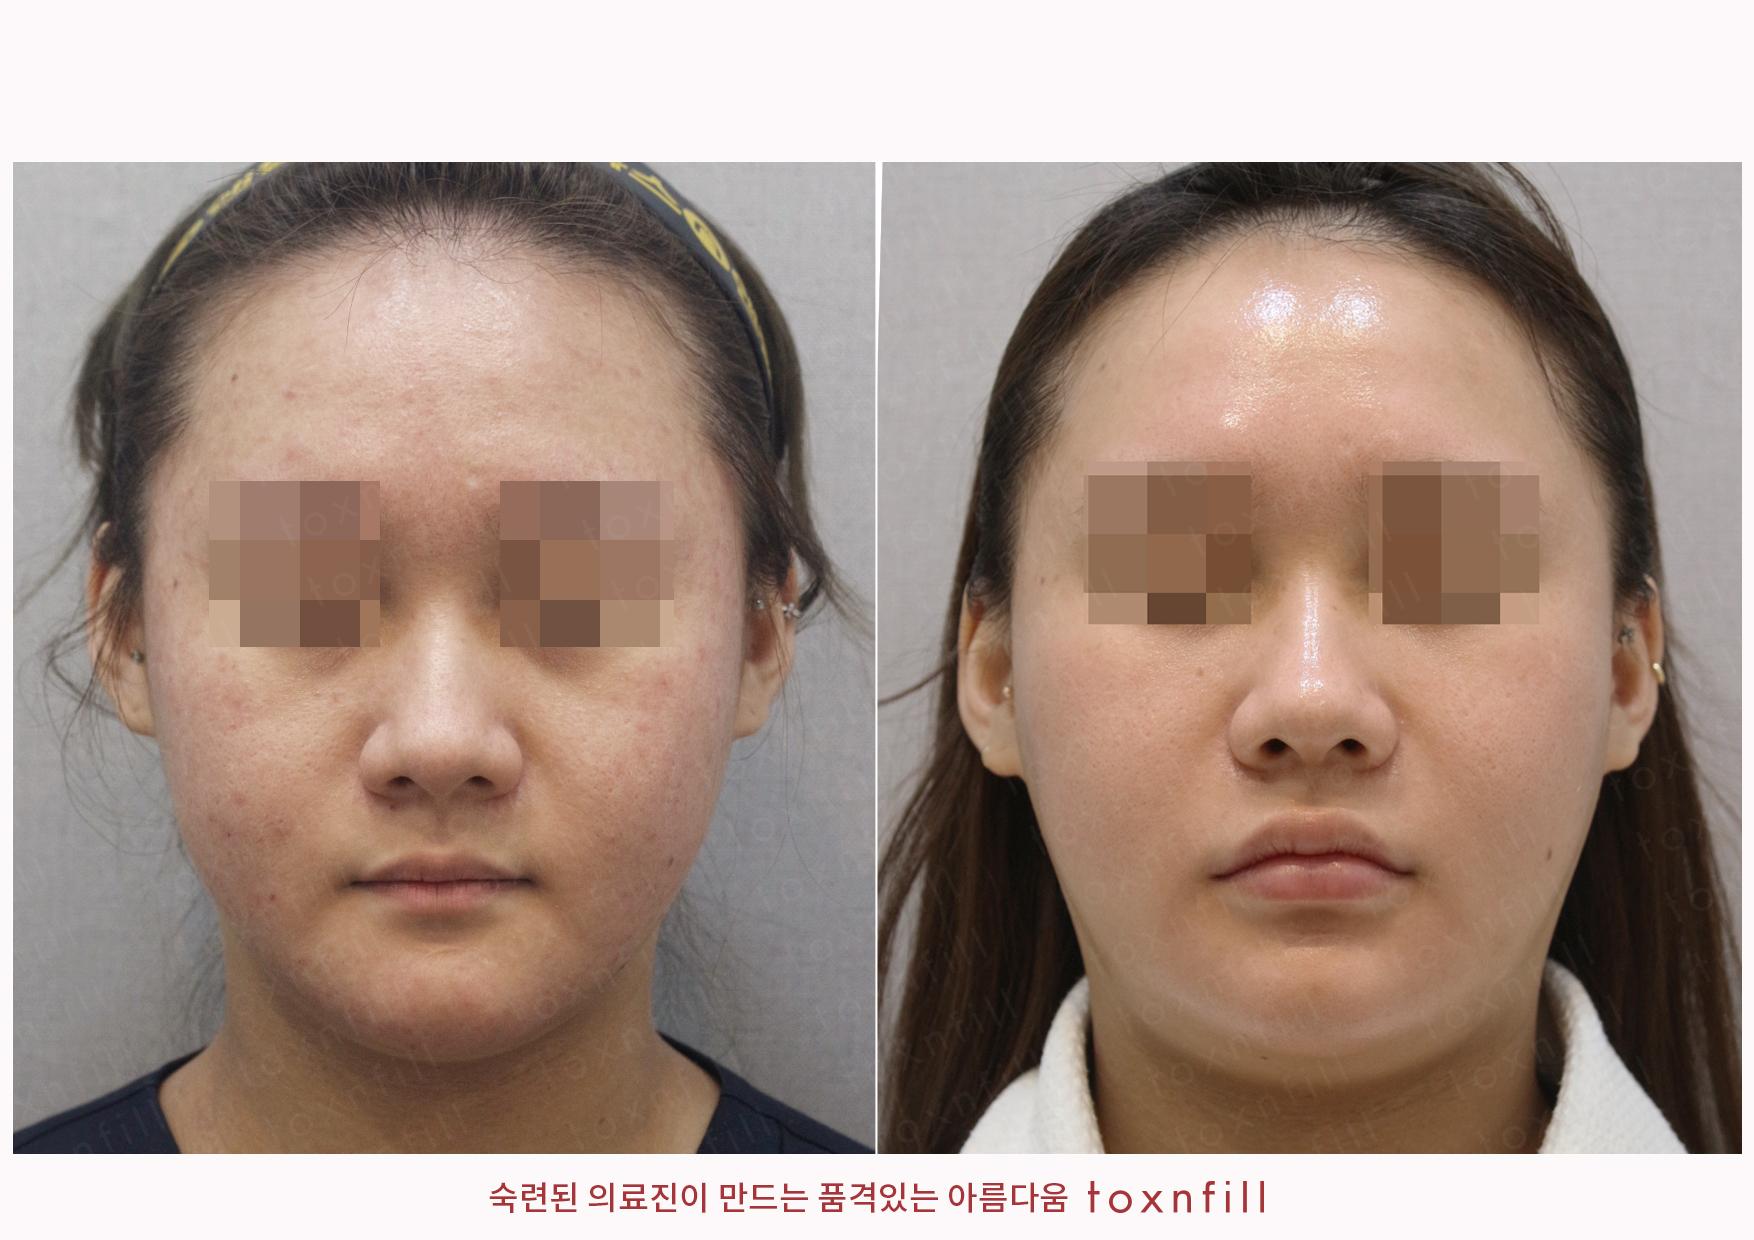 리쥬란+흉터모공(비너스비바)+홍조(엑셀브이) 시술전후